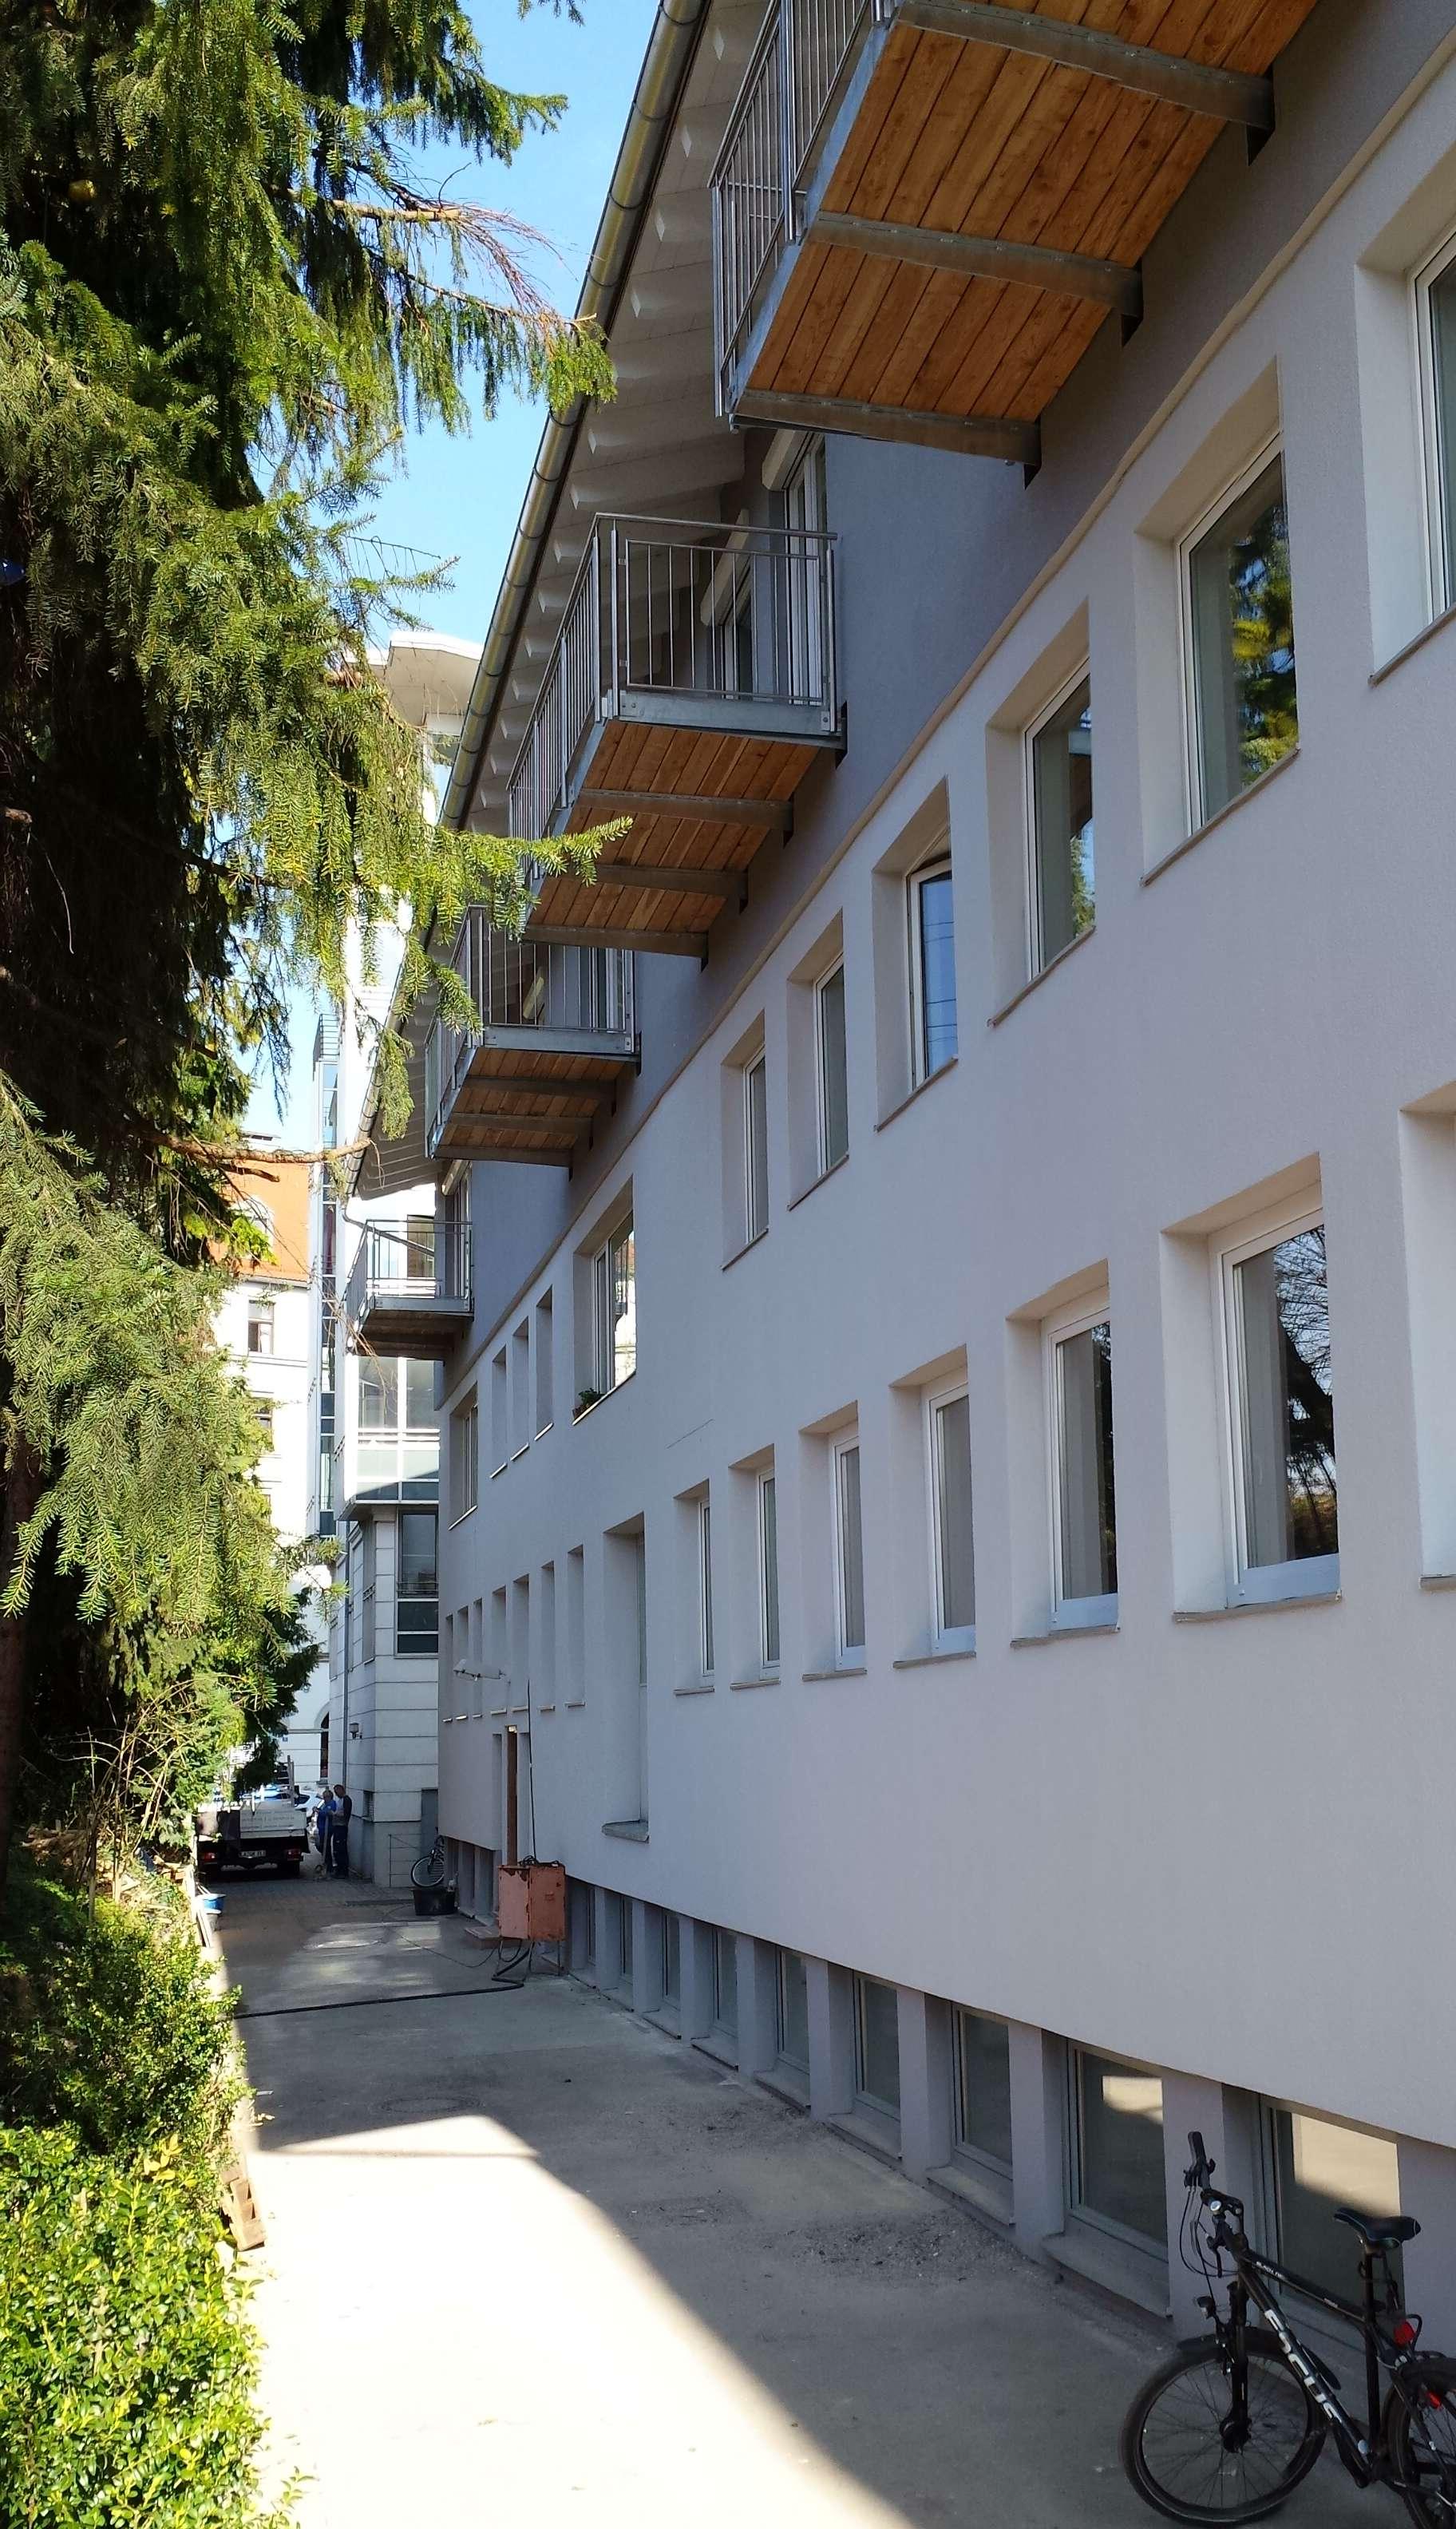 Wohnen im Loft, Ludwigsvorstadt-Isarvorstadt München in Ludwigsvorstadt-Isarvorstadt (München)